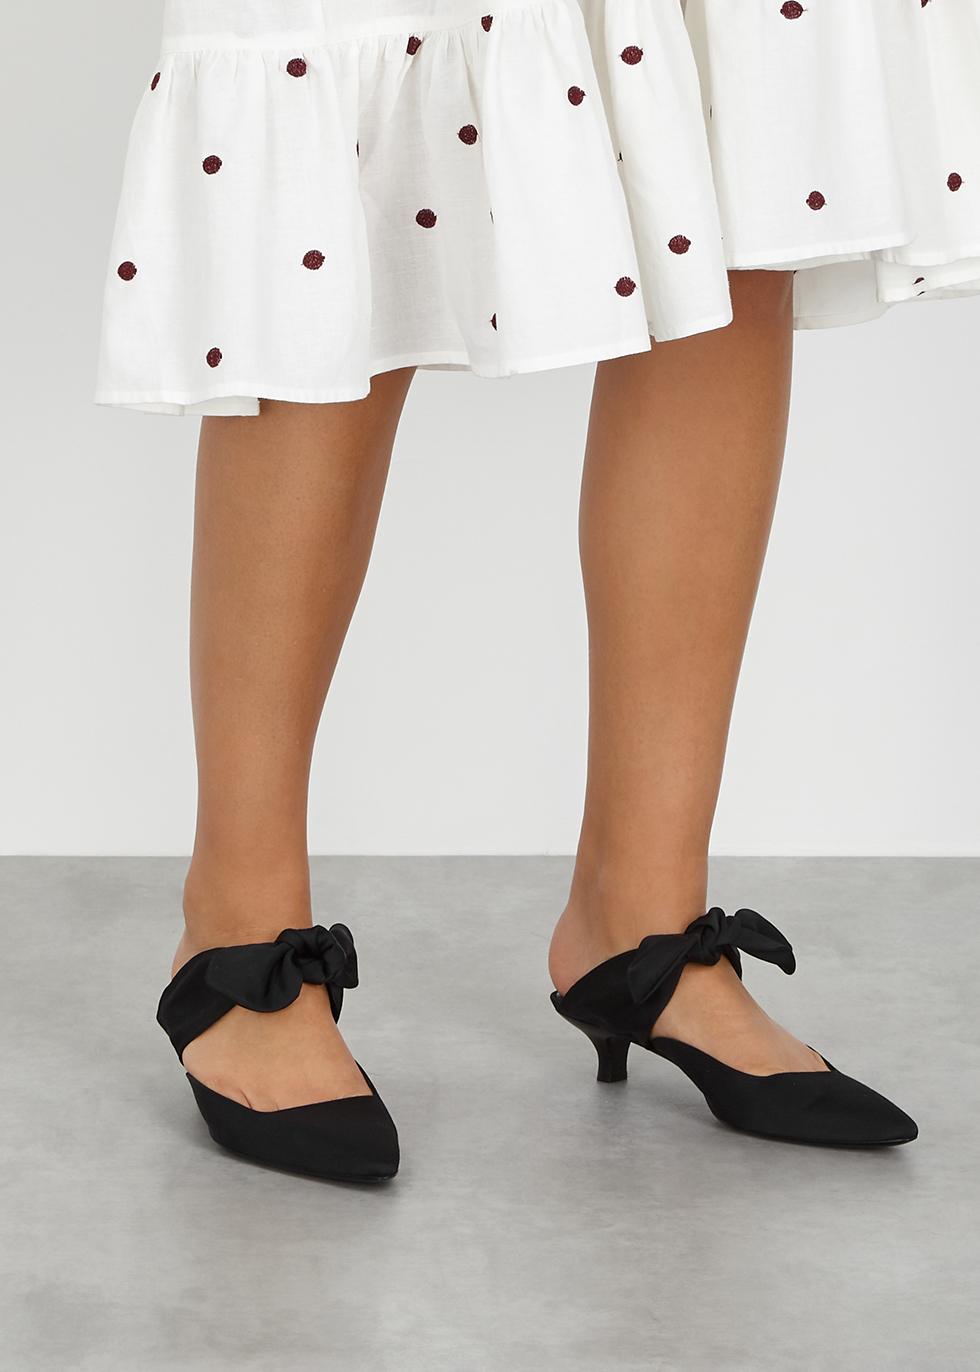 ffe87b4b6a New In - Latest Fashion & Designer Brands - Harvey Nichols